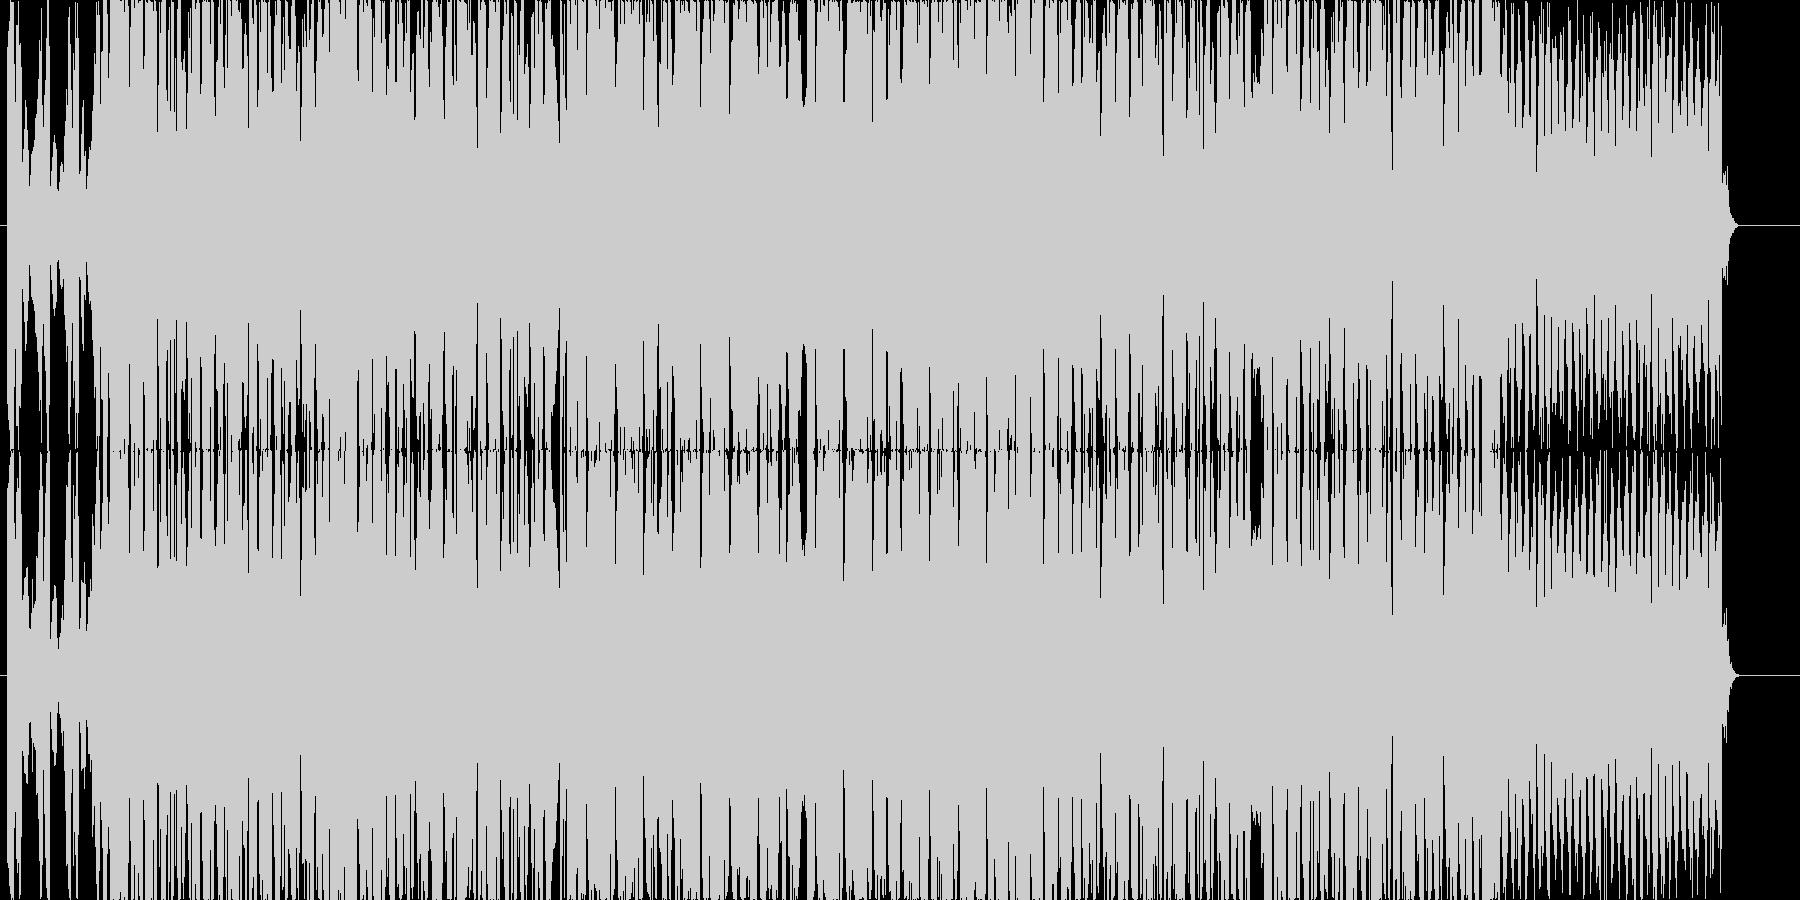 キレのあるシンセとベースの爽快なEDMの未再生の波形